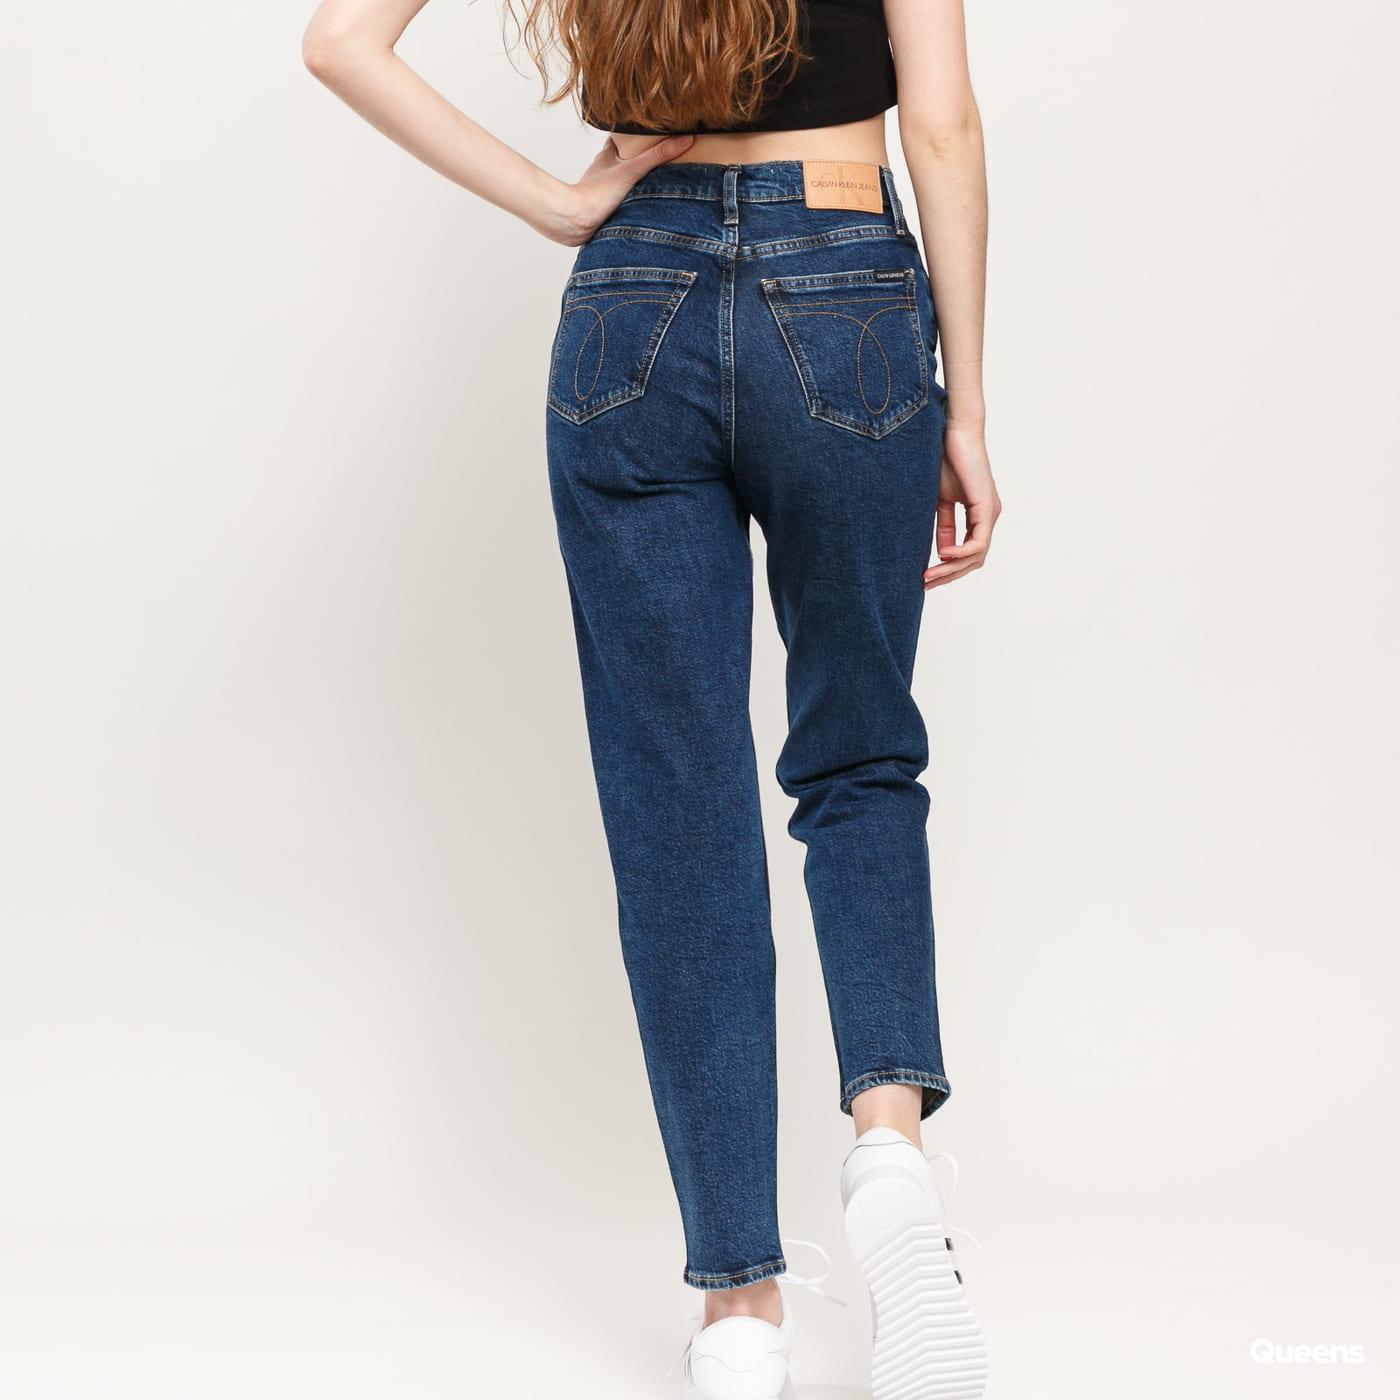 CALVIN KLEIN JEANS W Mom Jeans da130 dark blue stone shank icn